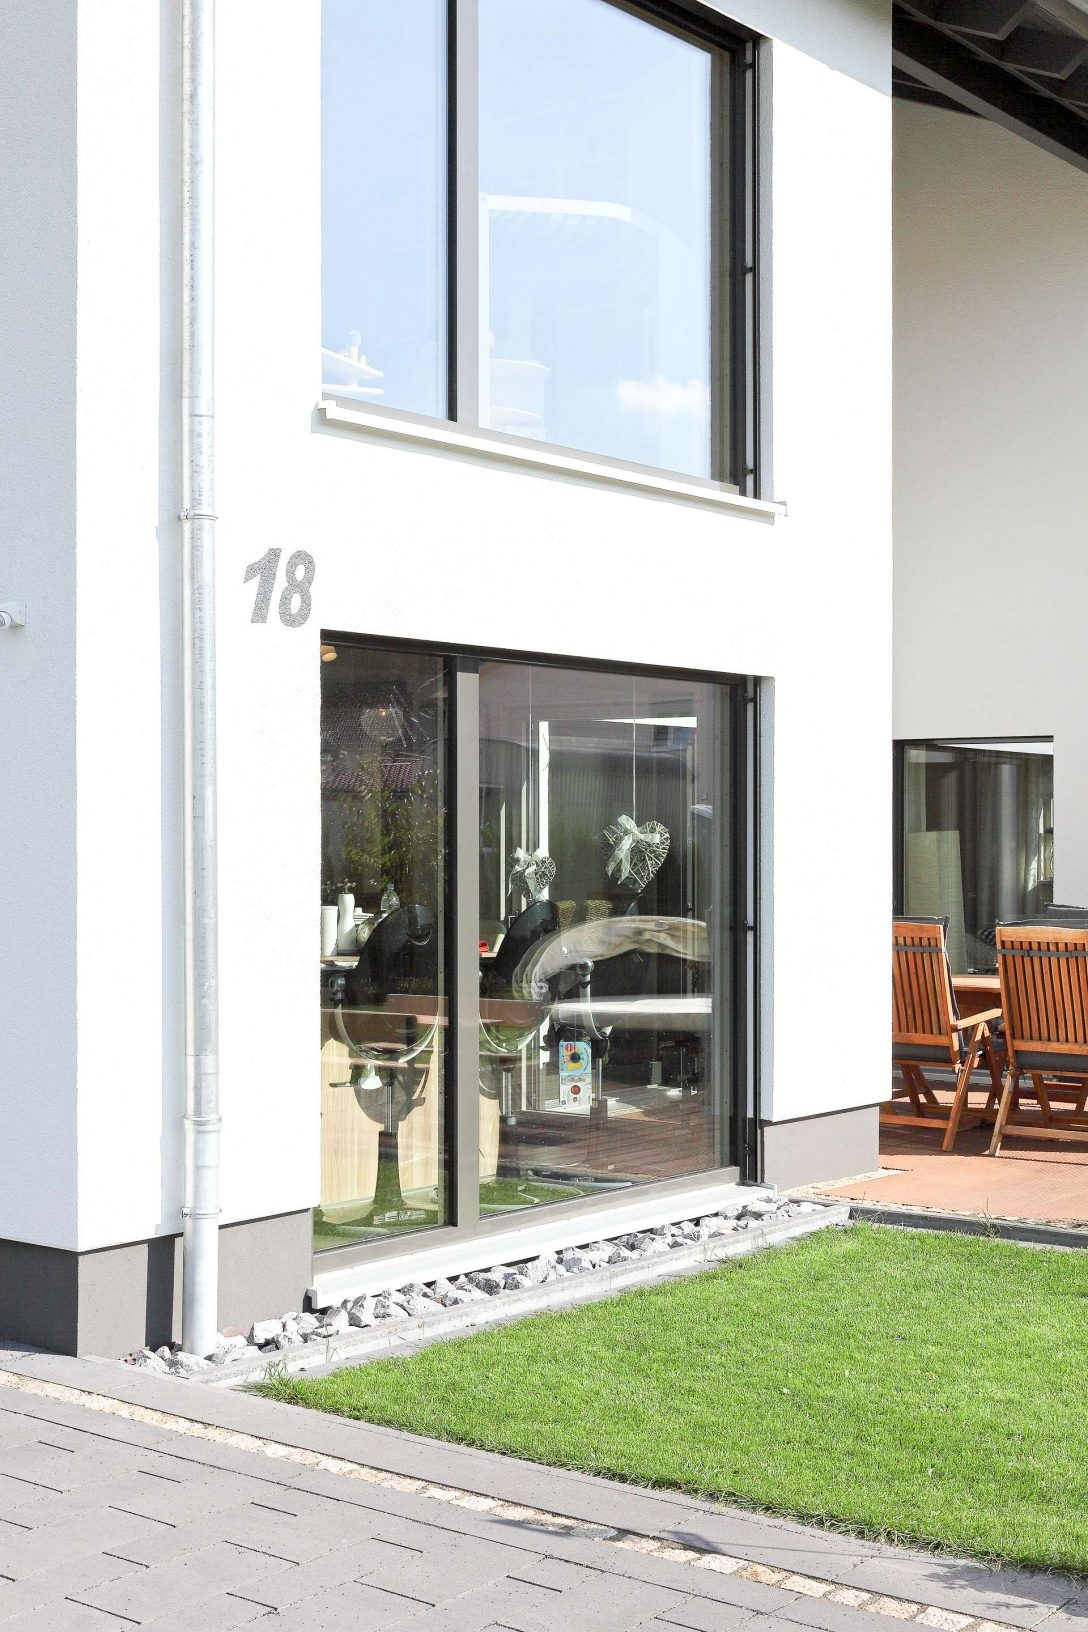 Large Size of Holz Alu Fenster Schlanke Fenstersystem Slimline Drutex Bett Holzfliesen Bad Günstig Kaufen Rehau Aluminium Fliegennetz Insektenschutzgitter Internorm Preise Fenster Holz Alu Fenster